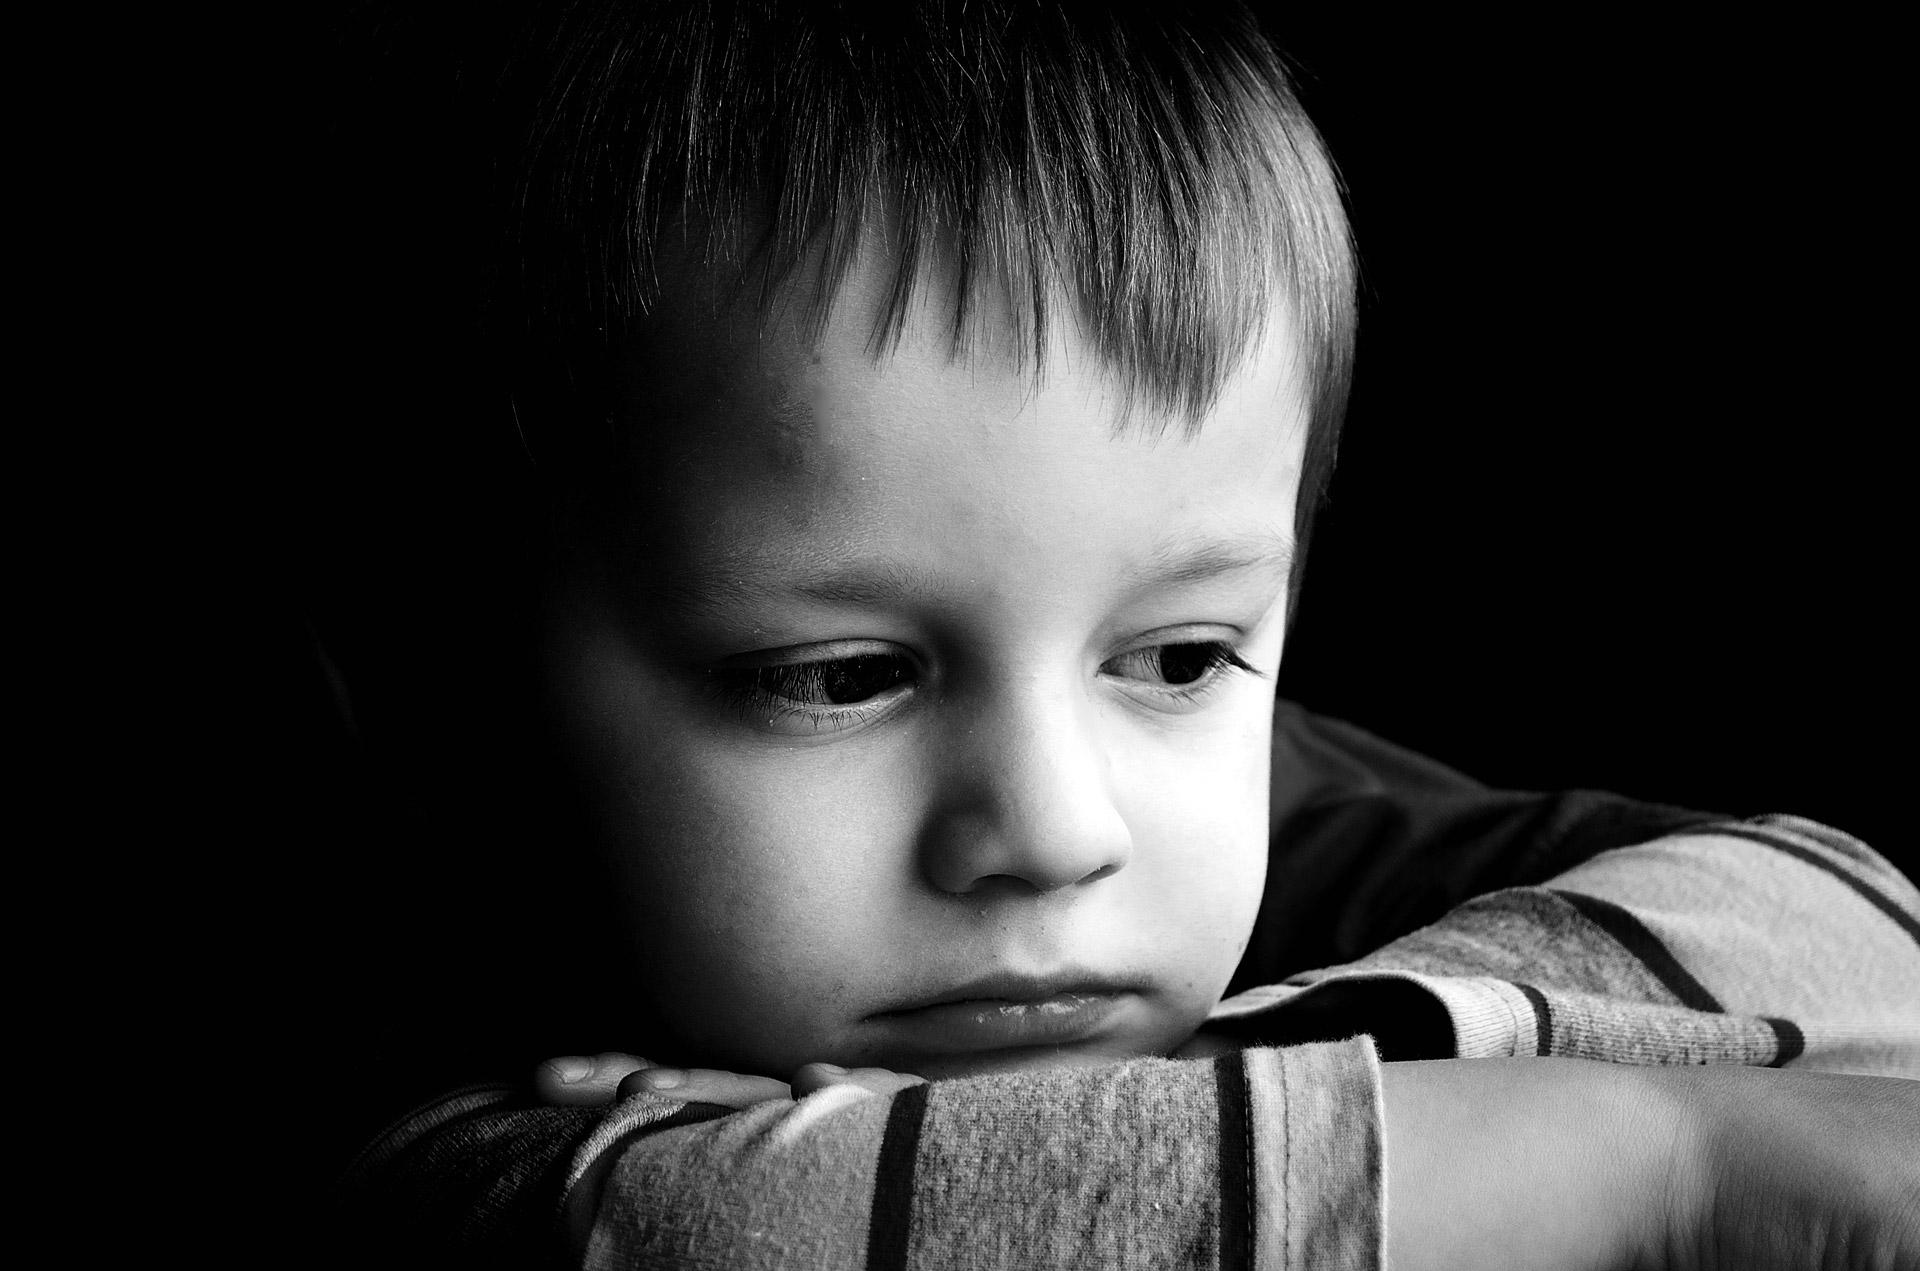 Çocuklarda depresyona yol açan 5 neden!